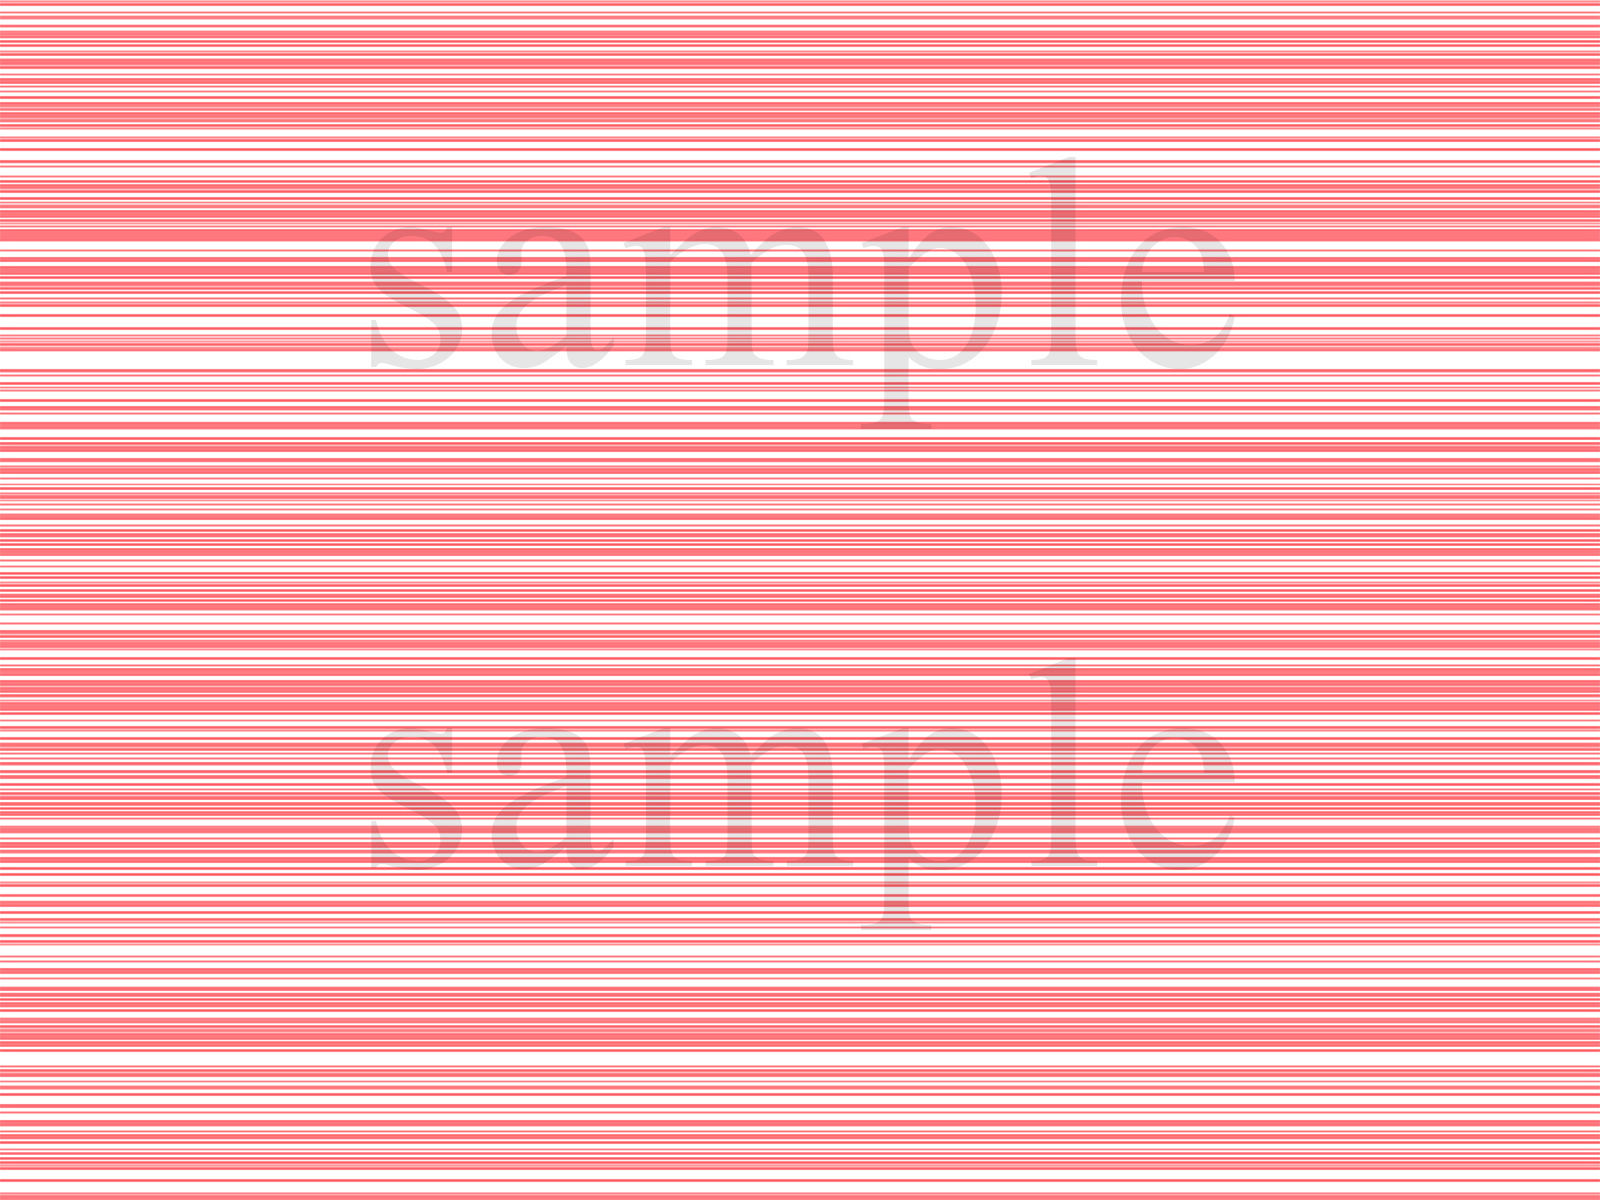 サンプル画像1:著作権フリー画像素材「スピード線背景 Vol.2」(ティービースター) [d_190380]